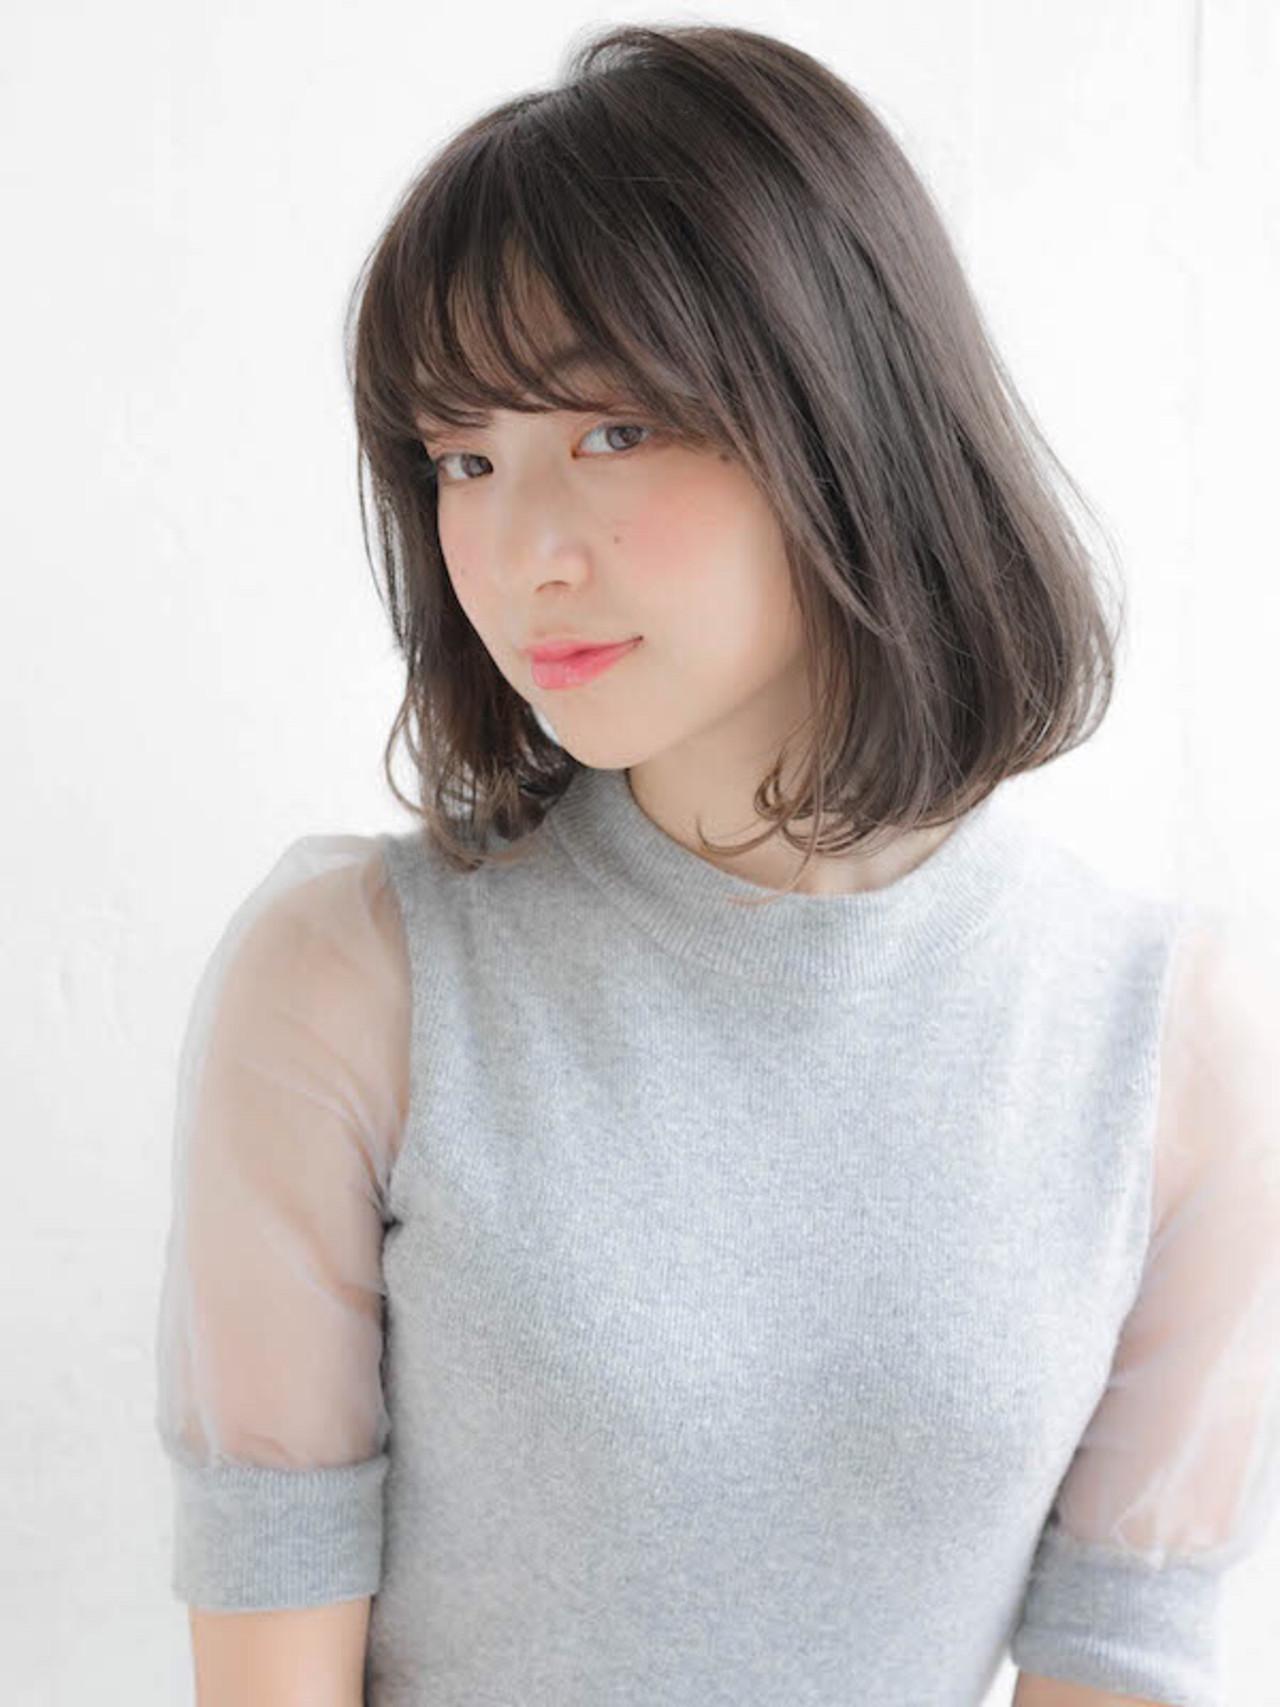 グレー系カラーの魅力は透明感と艶感! 竹澤 優/relian銀座Top stylist